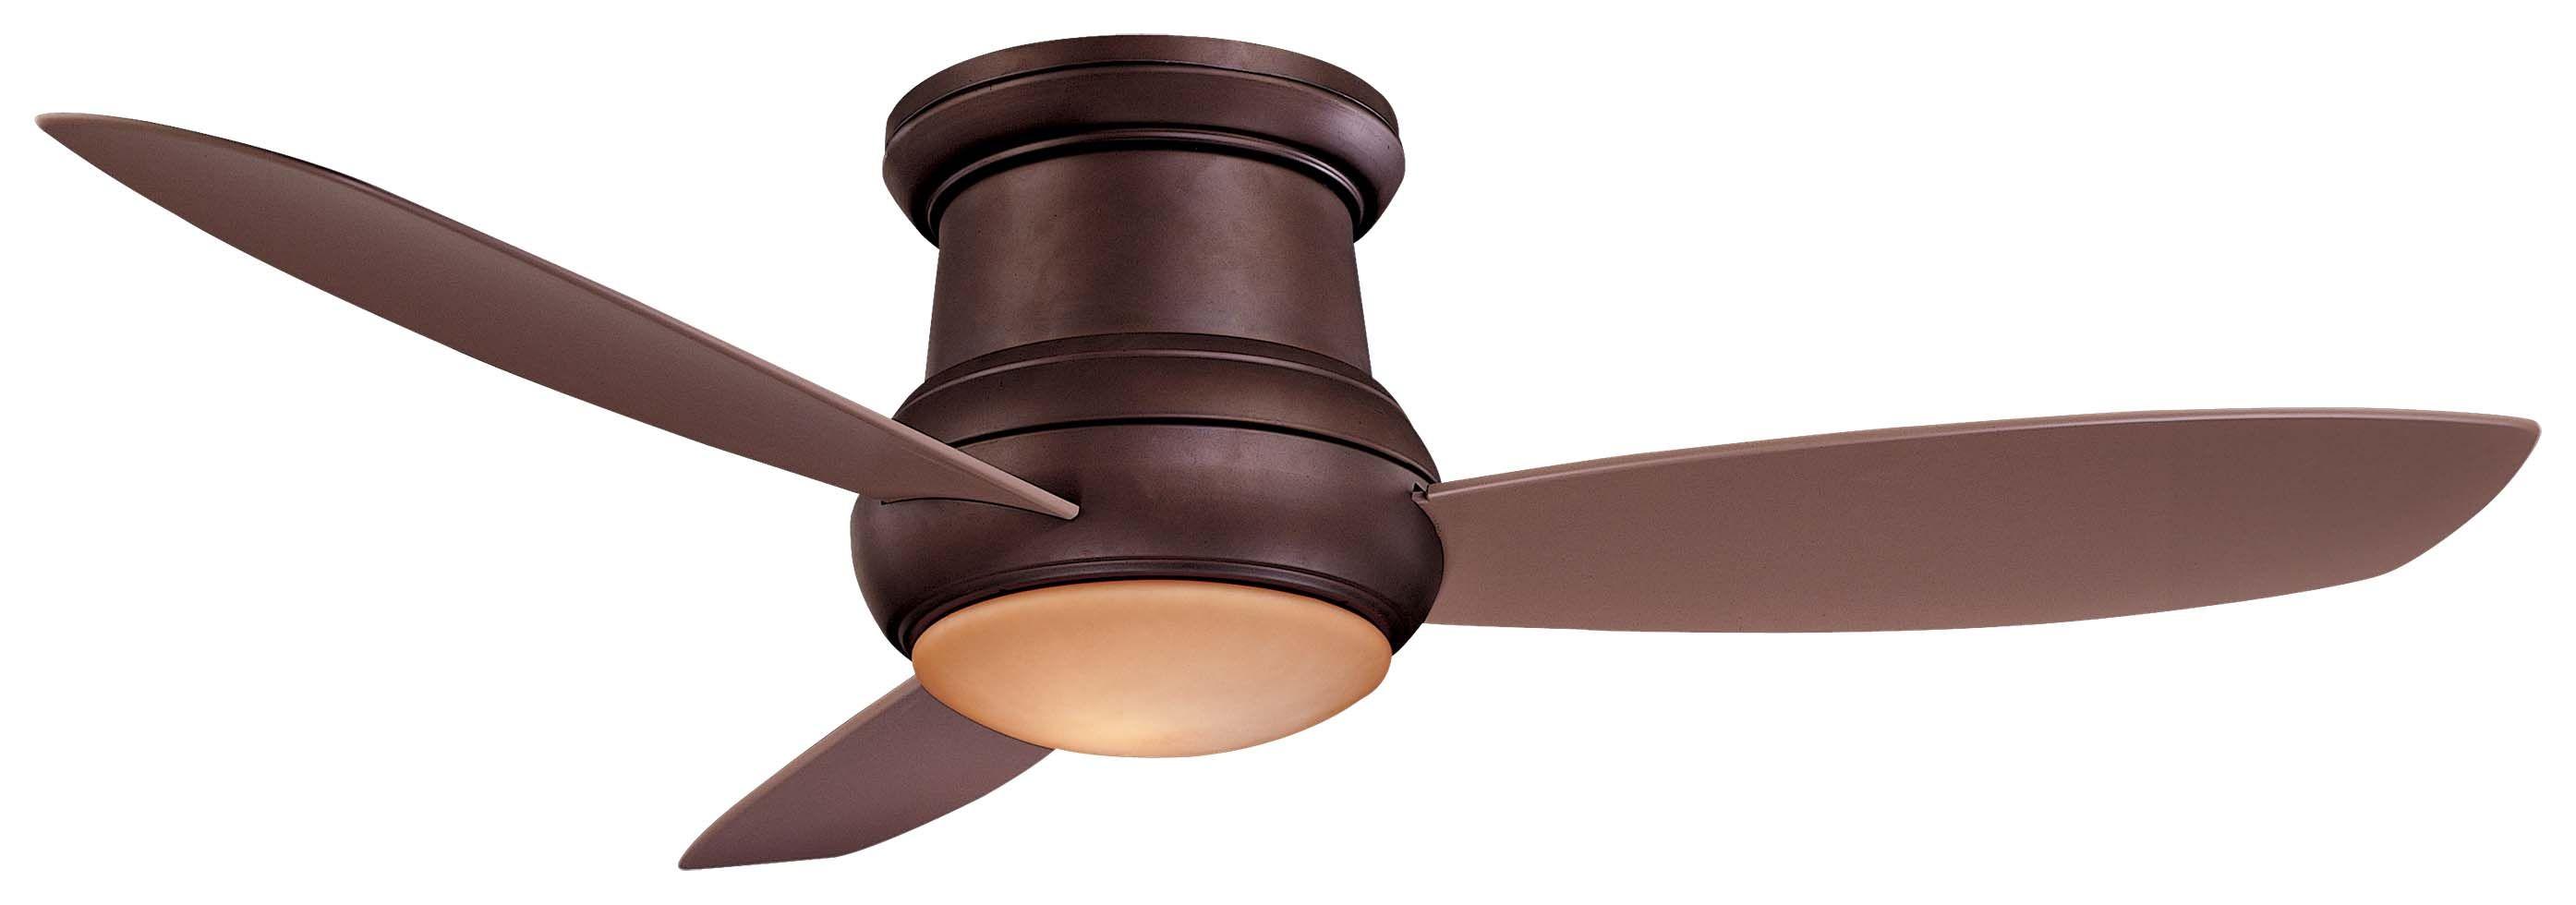 52 Flush Mount Ceiling Fan Guest Bedroom Pinterest